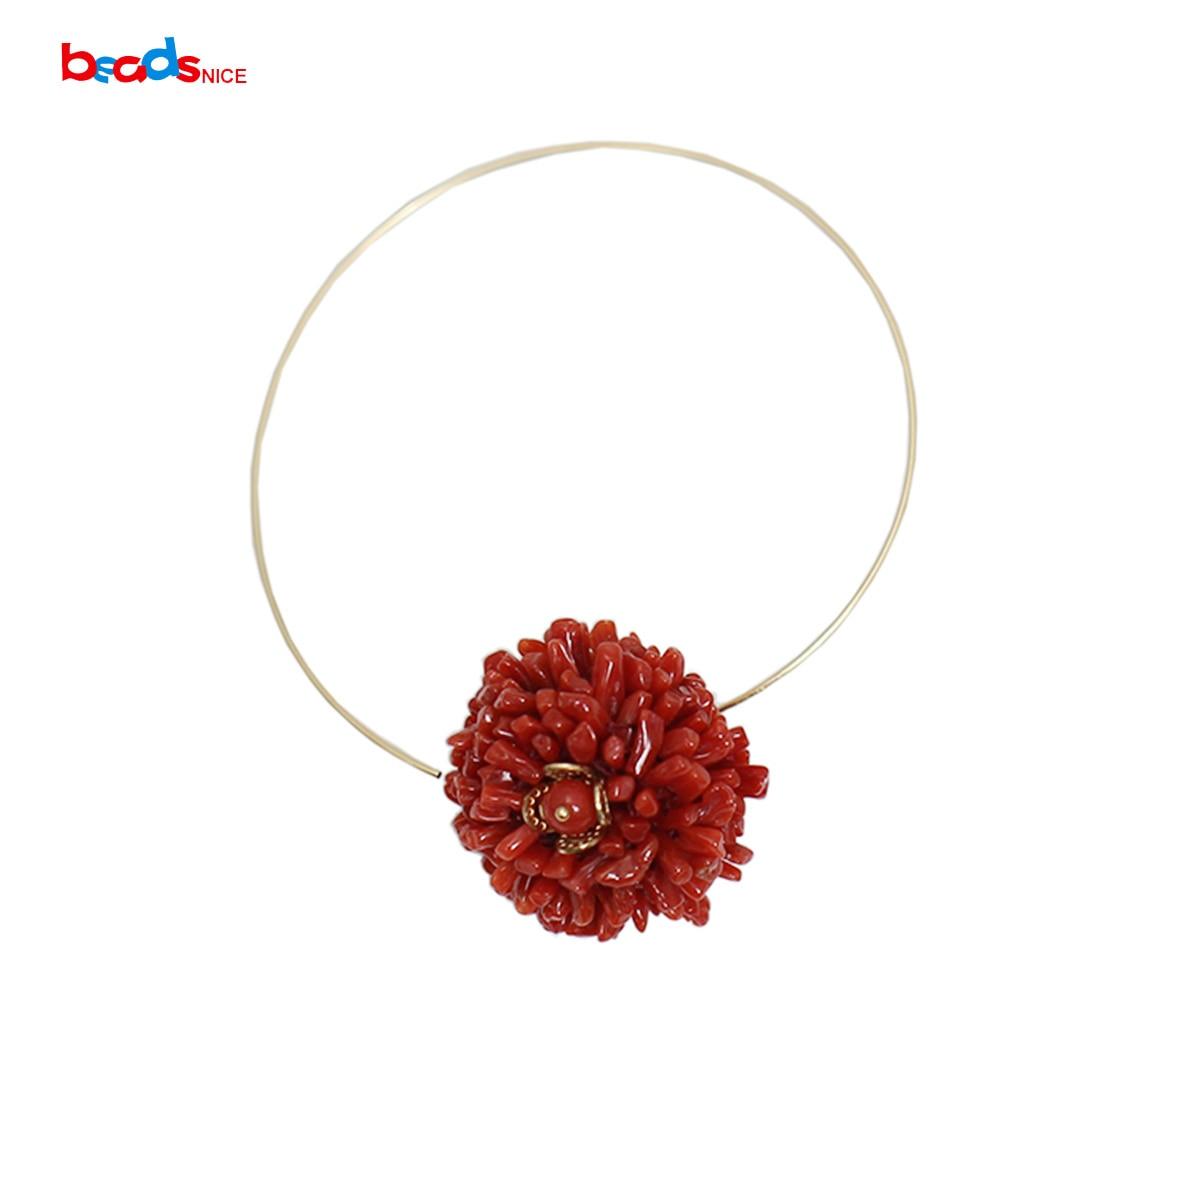 Beadsnice or rempli oreille anneau rouge corail boucle d'oreille bijoux fins pour les femmes 39740